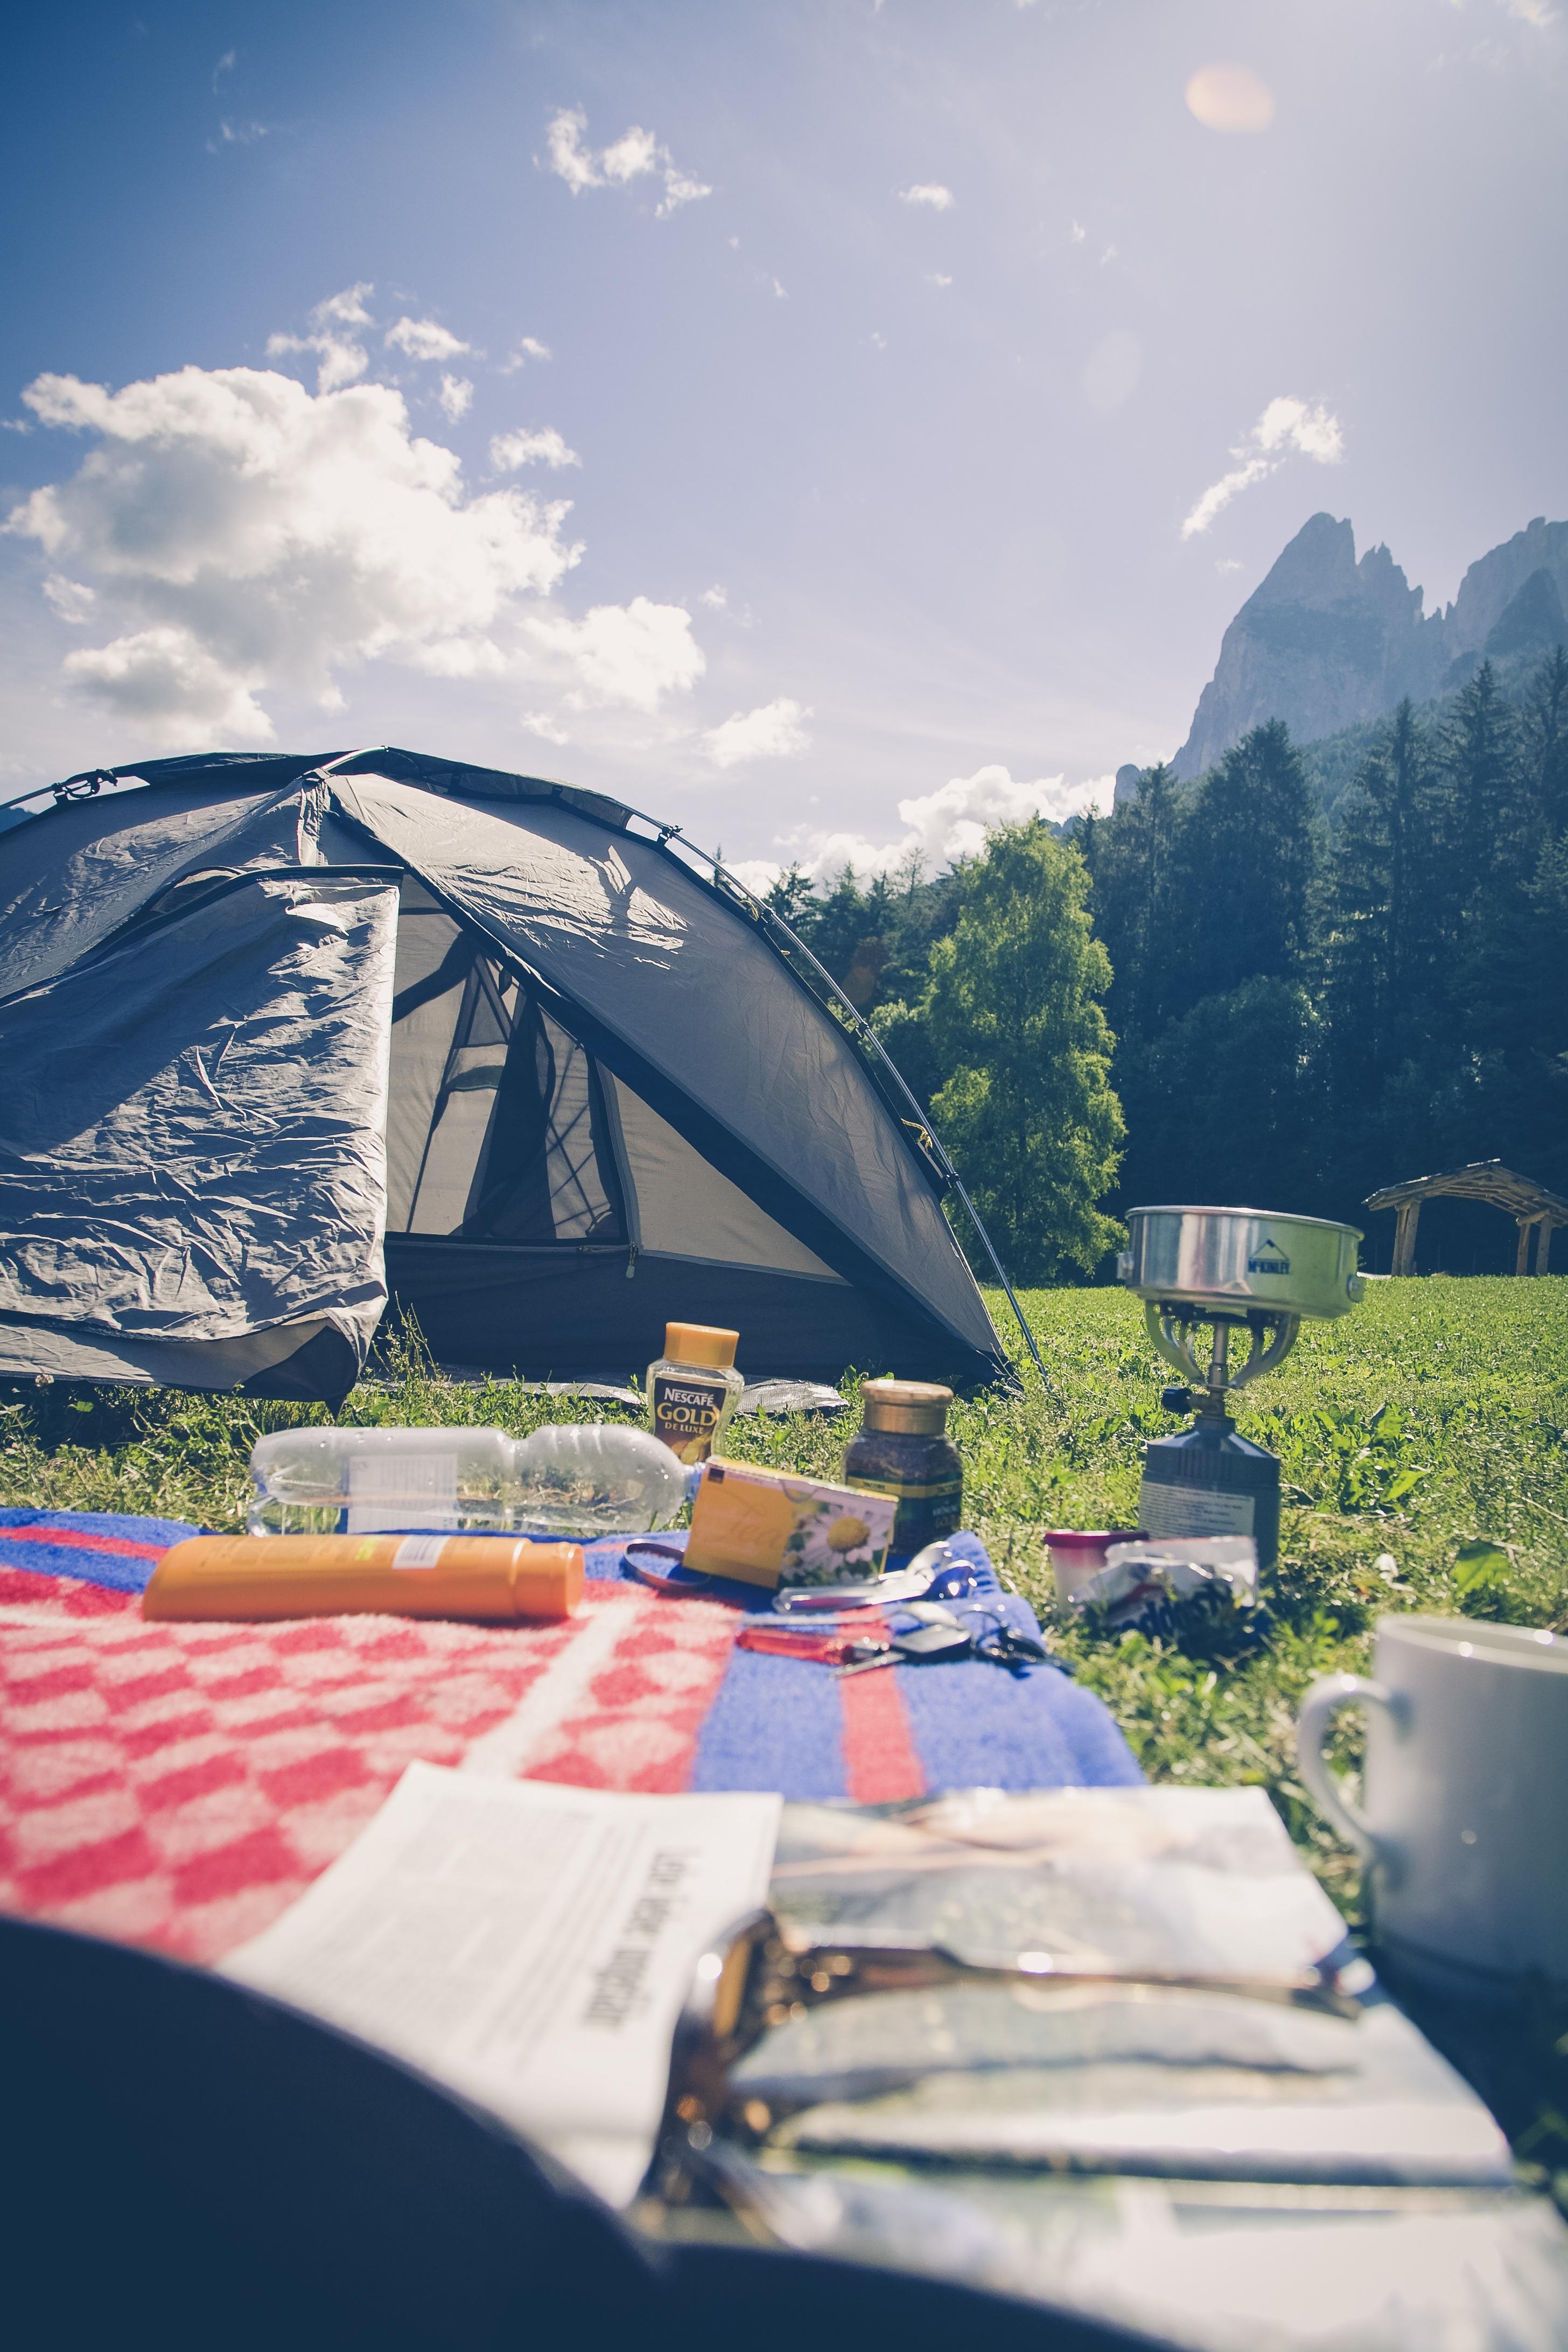 Gramado com barraca de camping, fogareiro e canga em um dia de sol num campo aberto